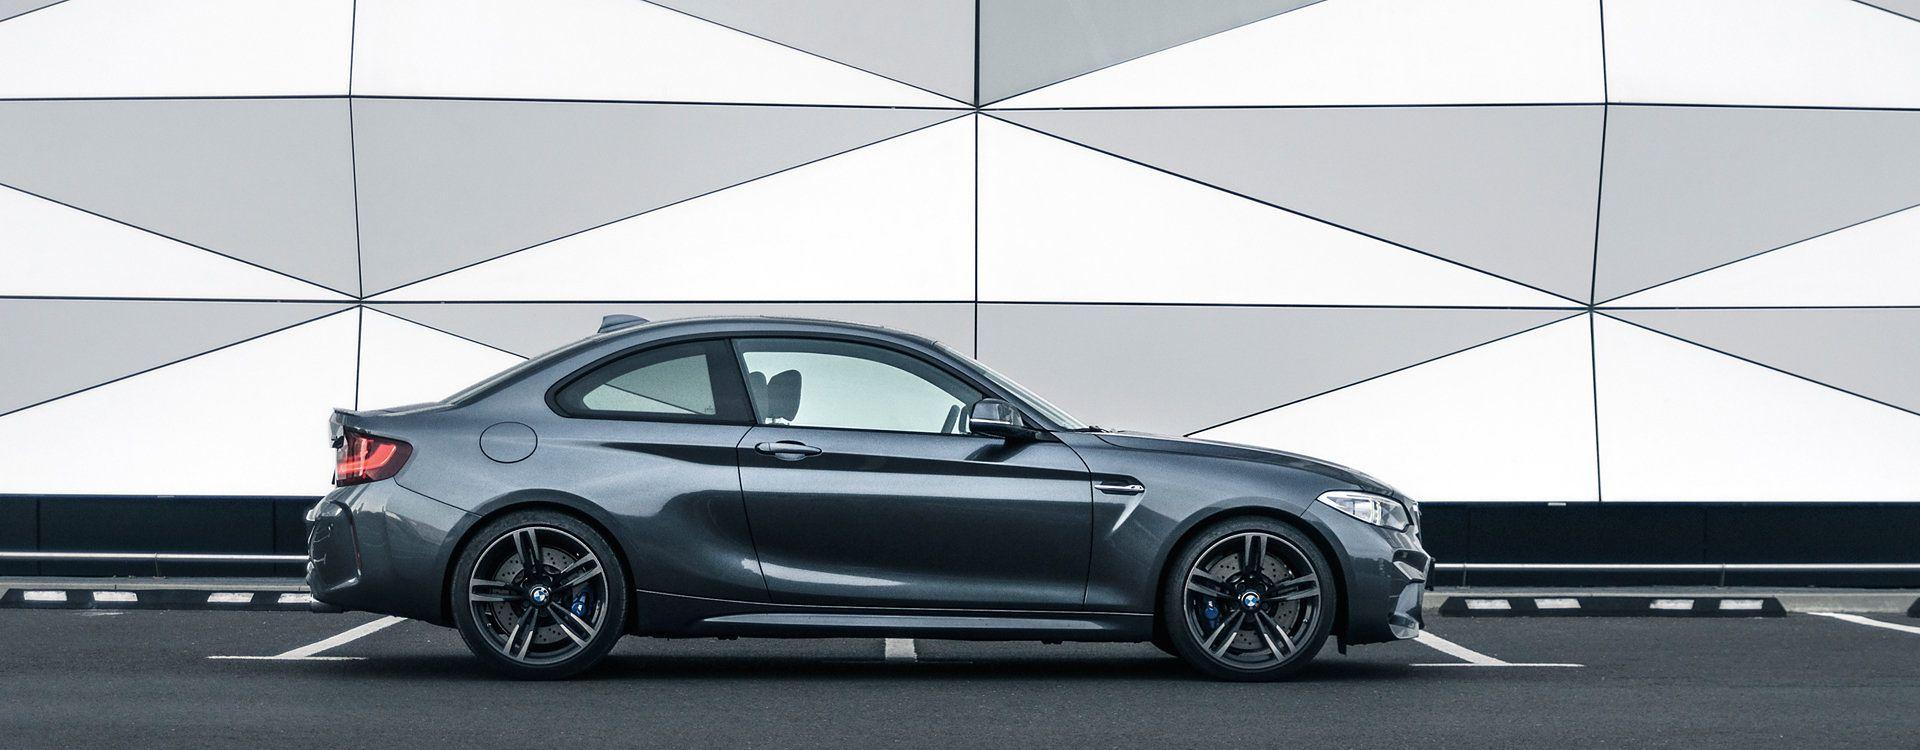 BMW M2 - prawdopodobnie najlepszy samochód M, jakim można obecnie wyjechać z salonu